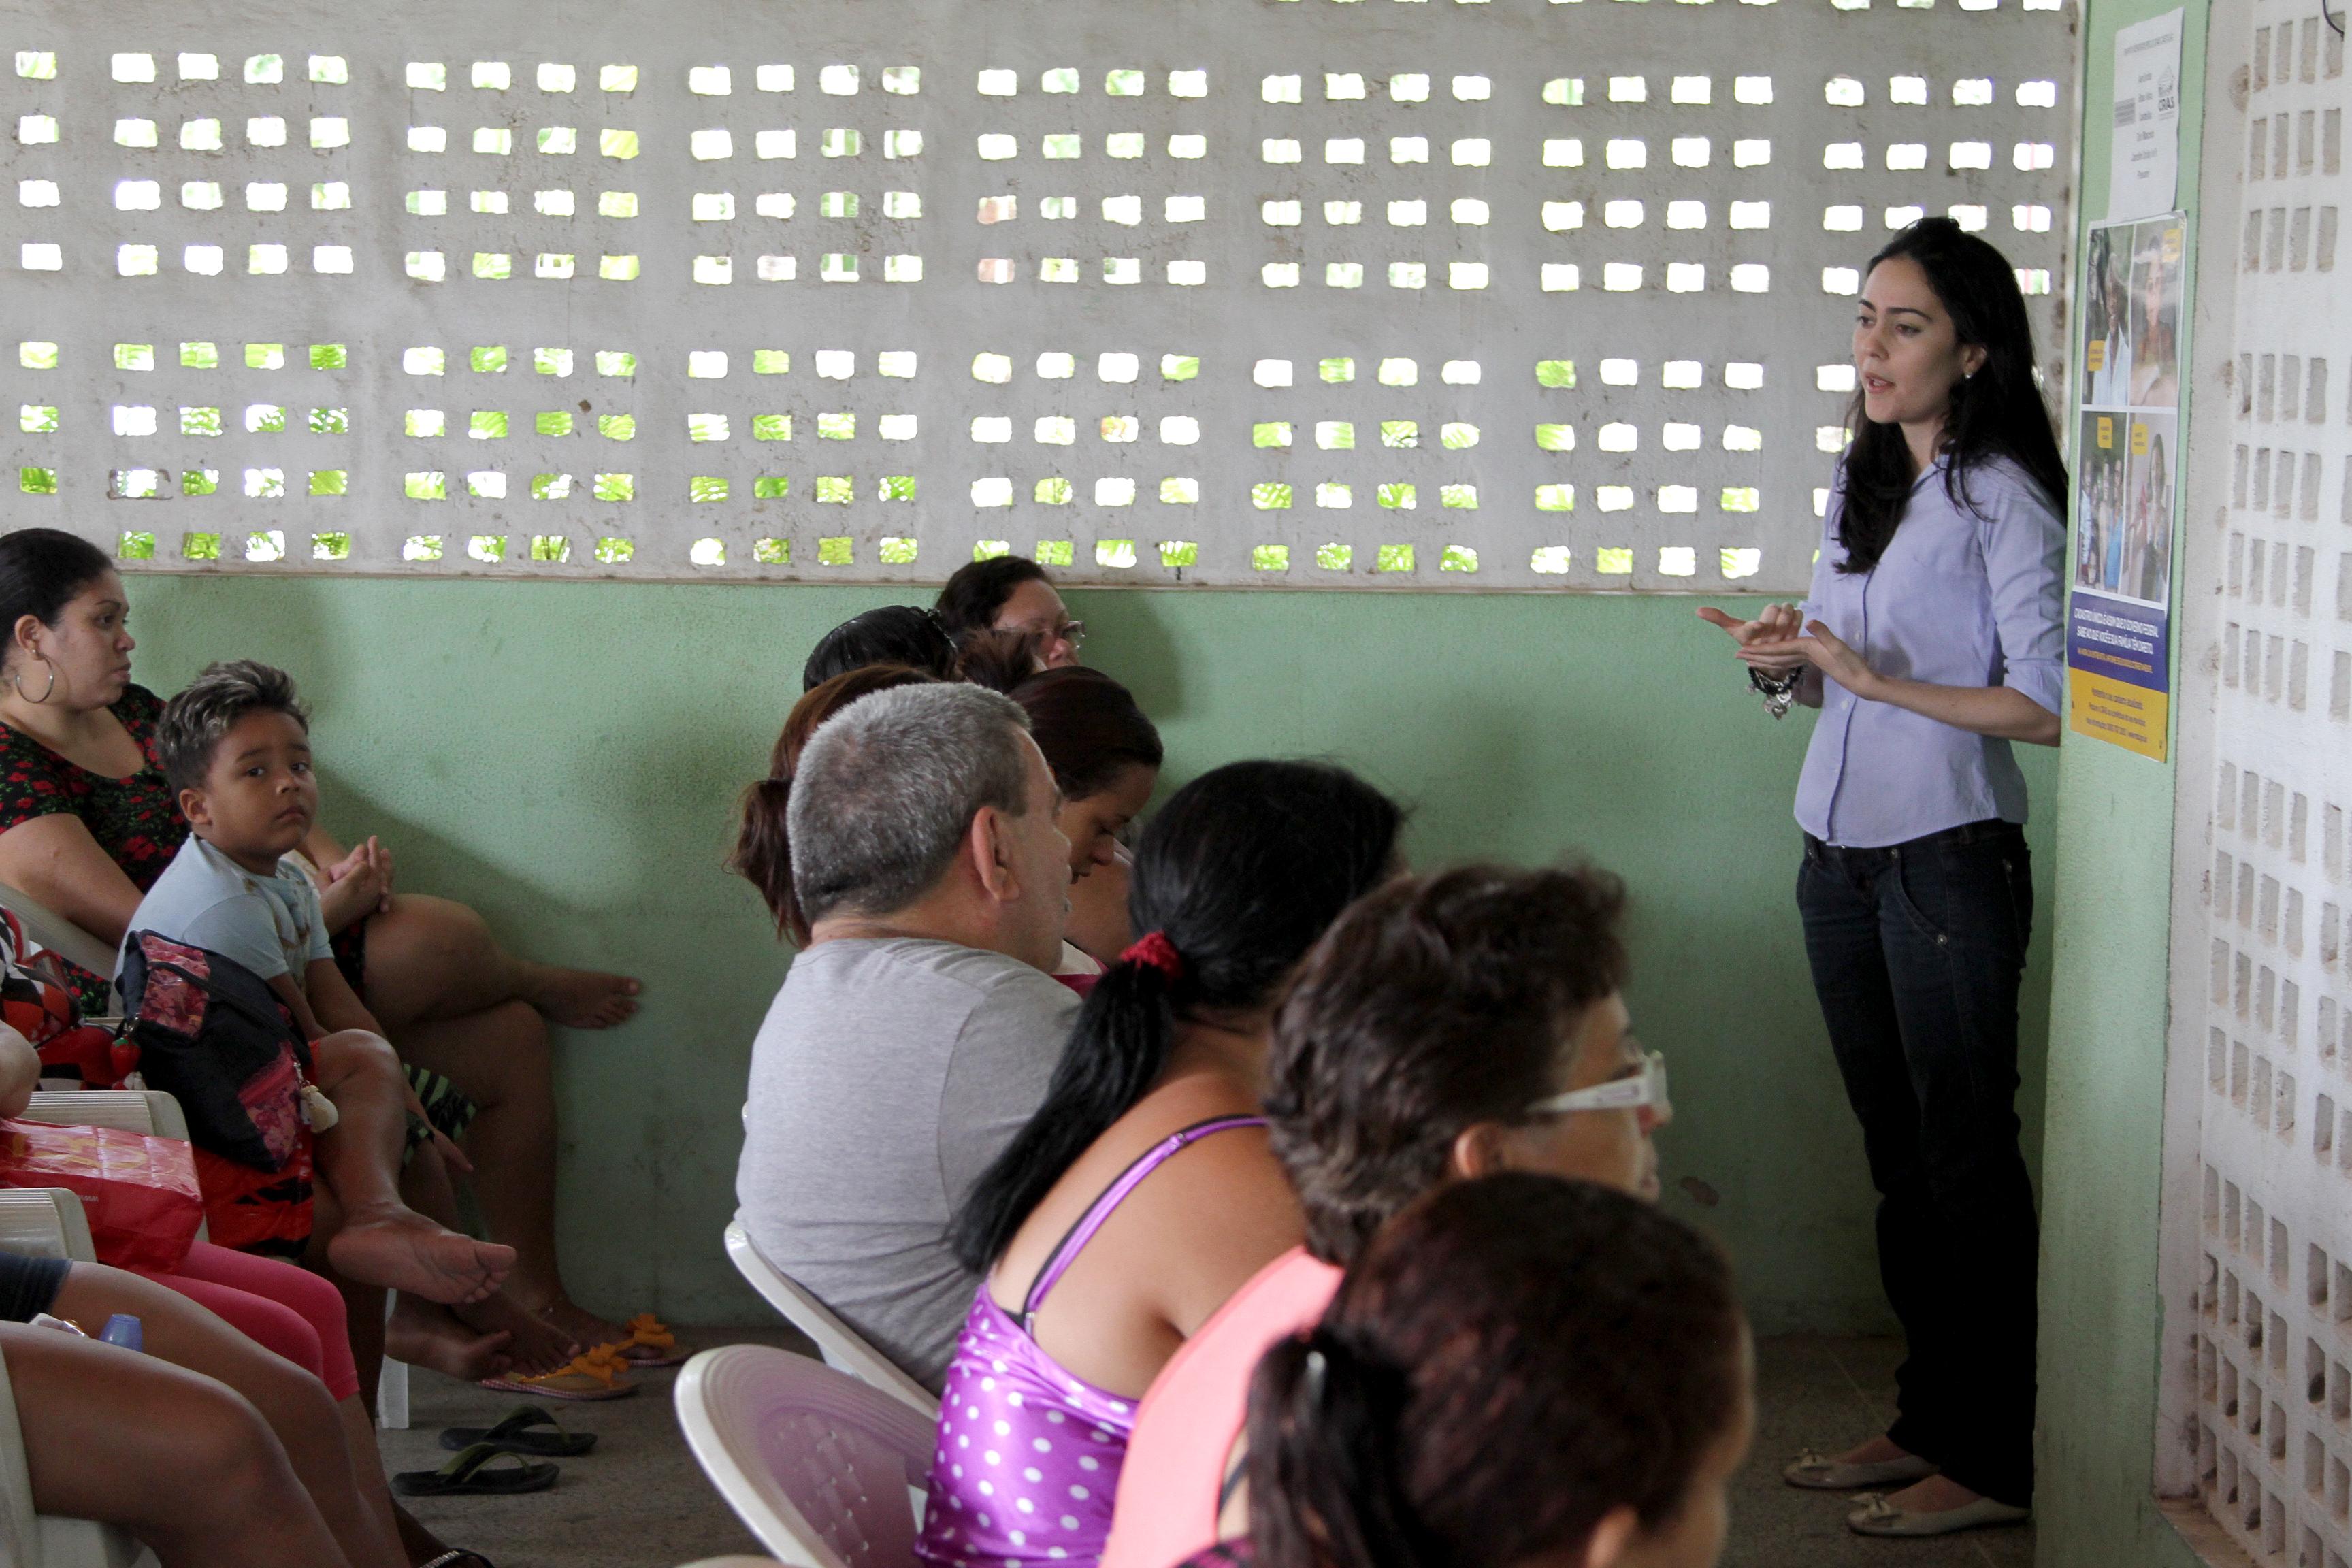 As vagas de nível superior são destinadas para as especialidades de Direito, Psicologia, Serviço Social, Pedagogia e Terapia Ocupacional (FOTO: Divulgação/prefeitura de Fortaleza)